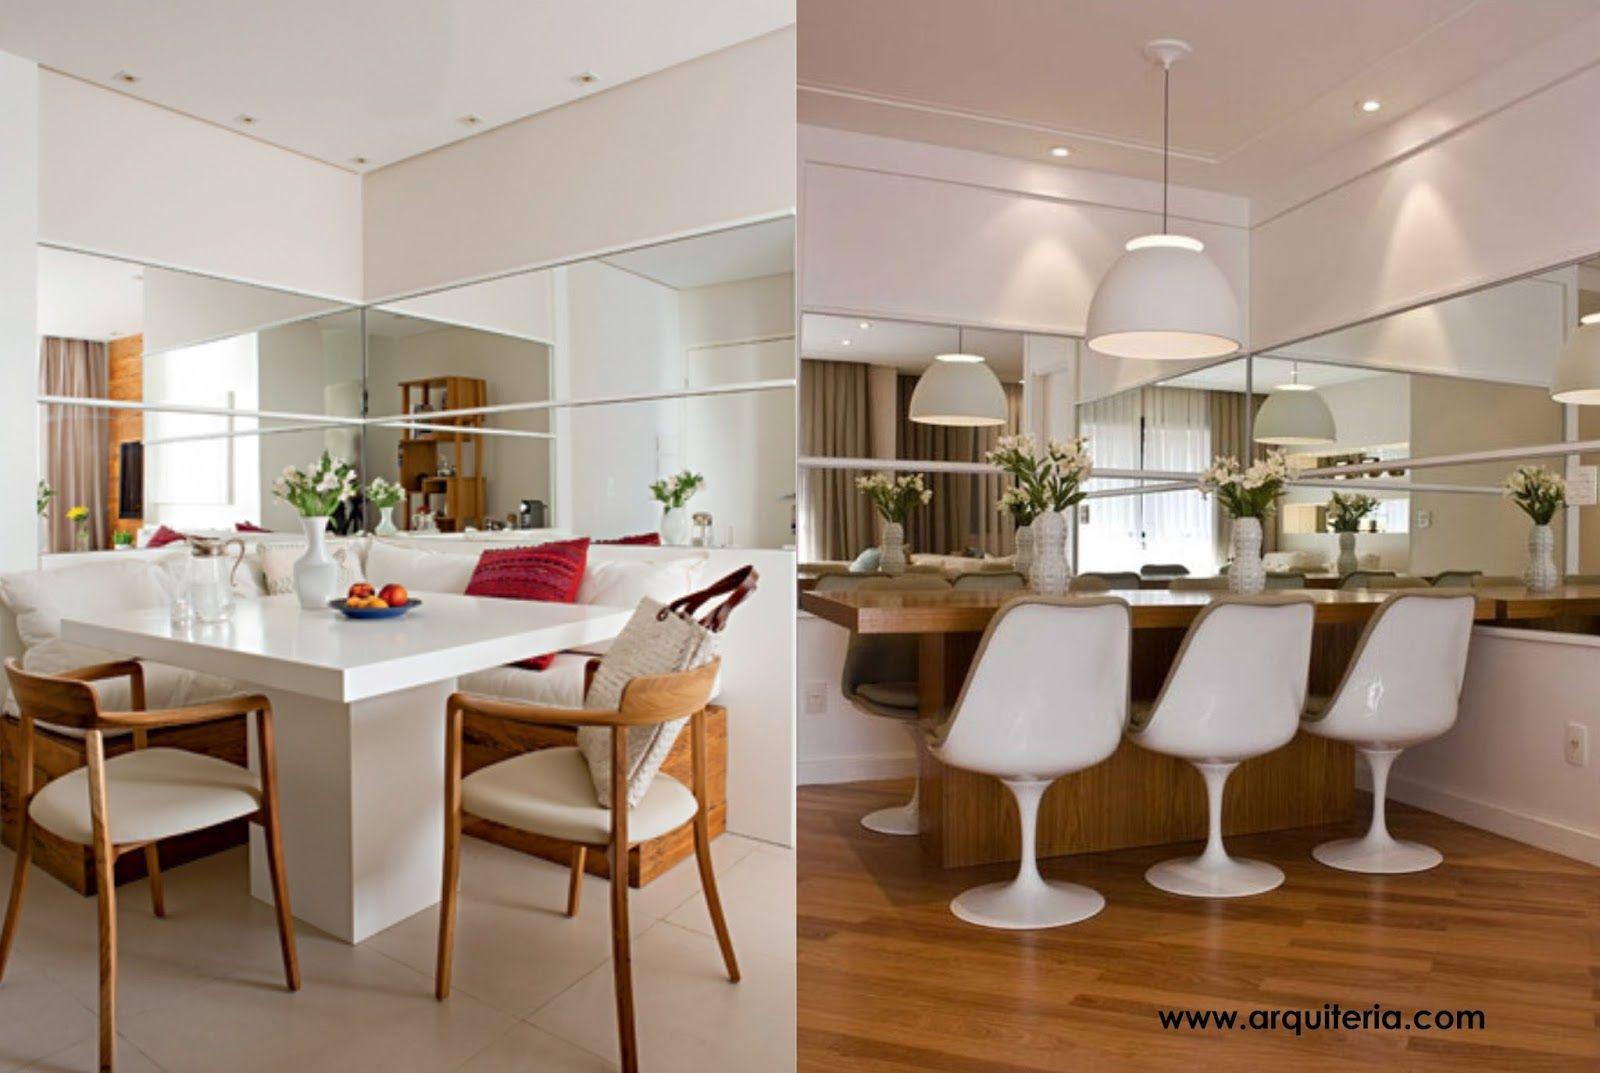 Salas De Jantar Pequenas Mesa Encostada No Canto Da Parede Kitchens -> Sala De Jantar Pequena Clean